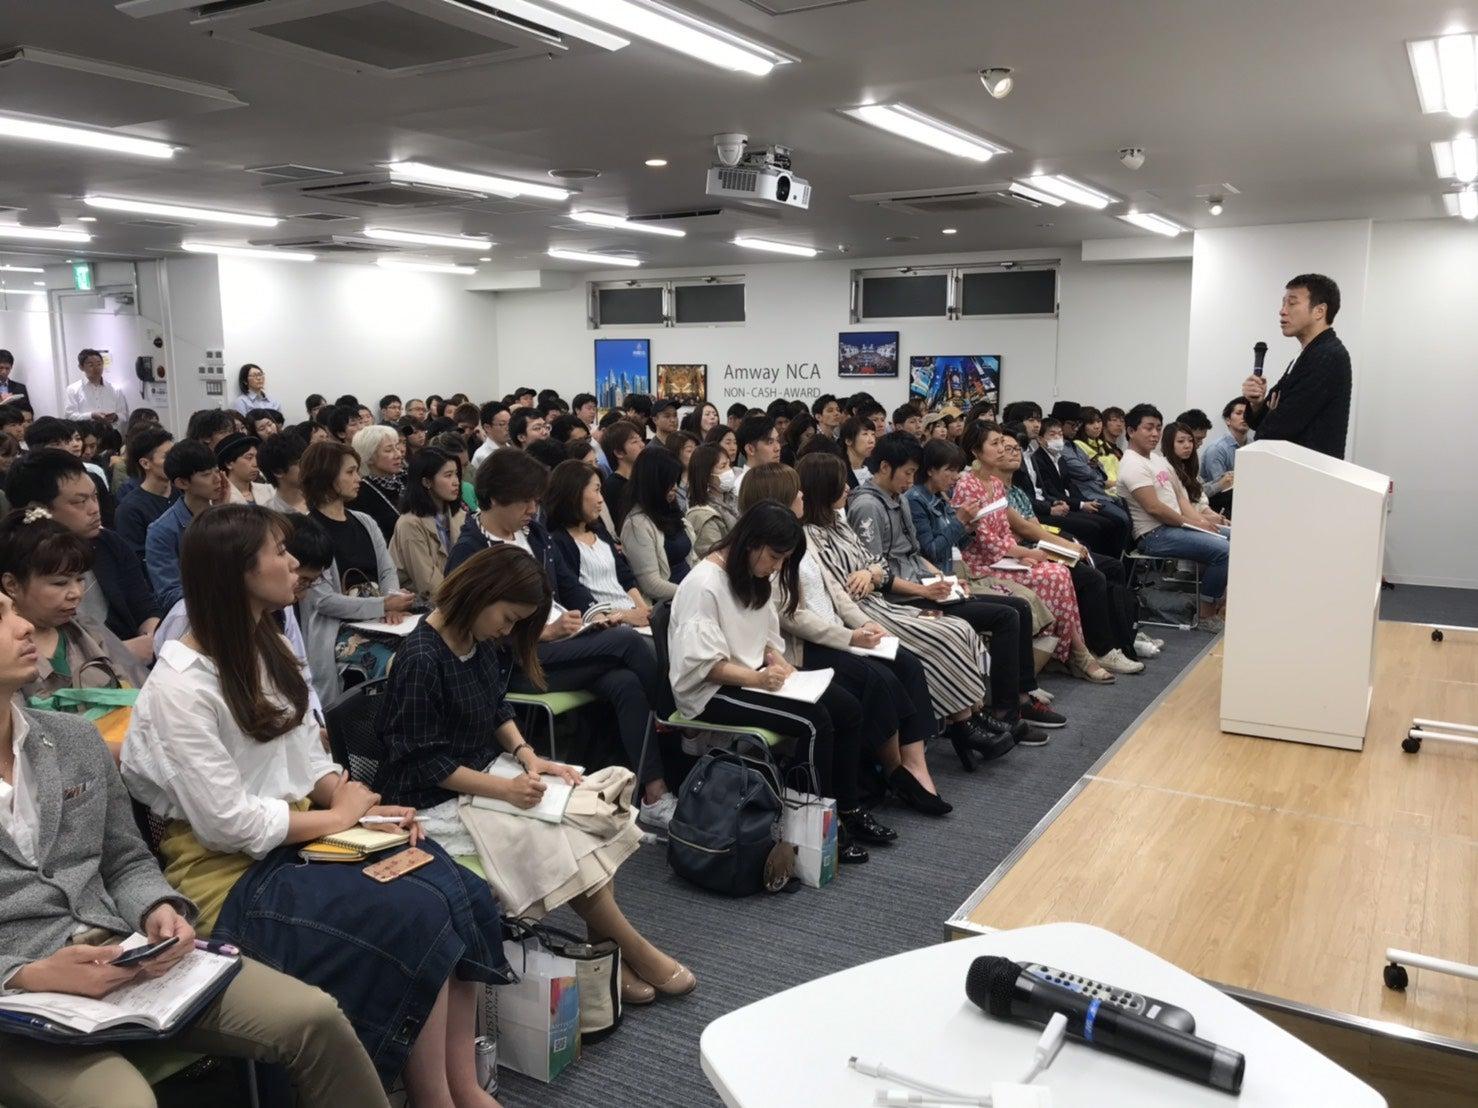 記事 令和時代の学び方→「箱」や「ルール」を作っている国が上位! 今は「中身」を日本が作っている! の記事内画像